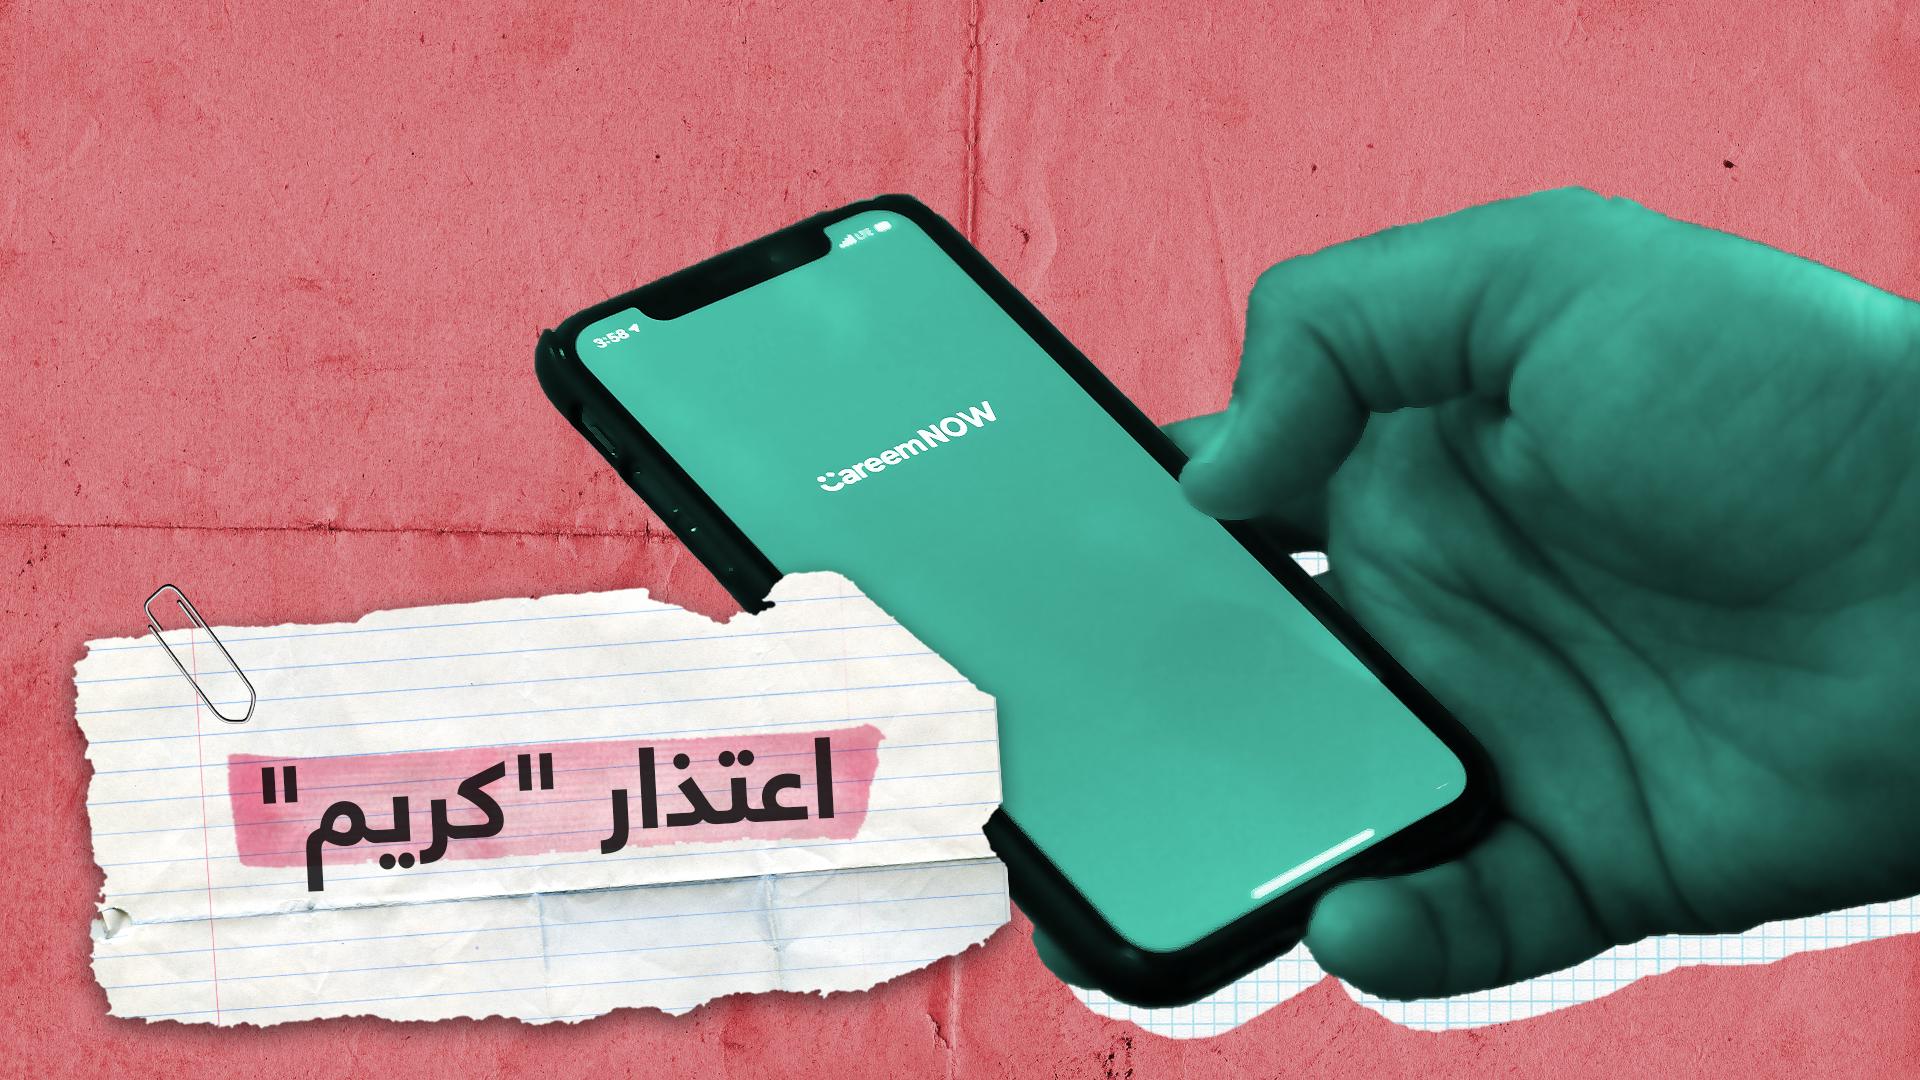 إعلان ترويجي لشركة كريم يهين المرأة في الأردن.. الشركة اعتذرت وسحبت الفيديولكن هل يكفي هذا؟